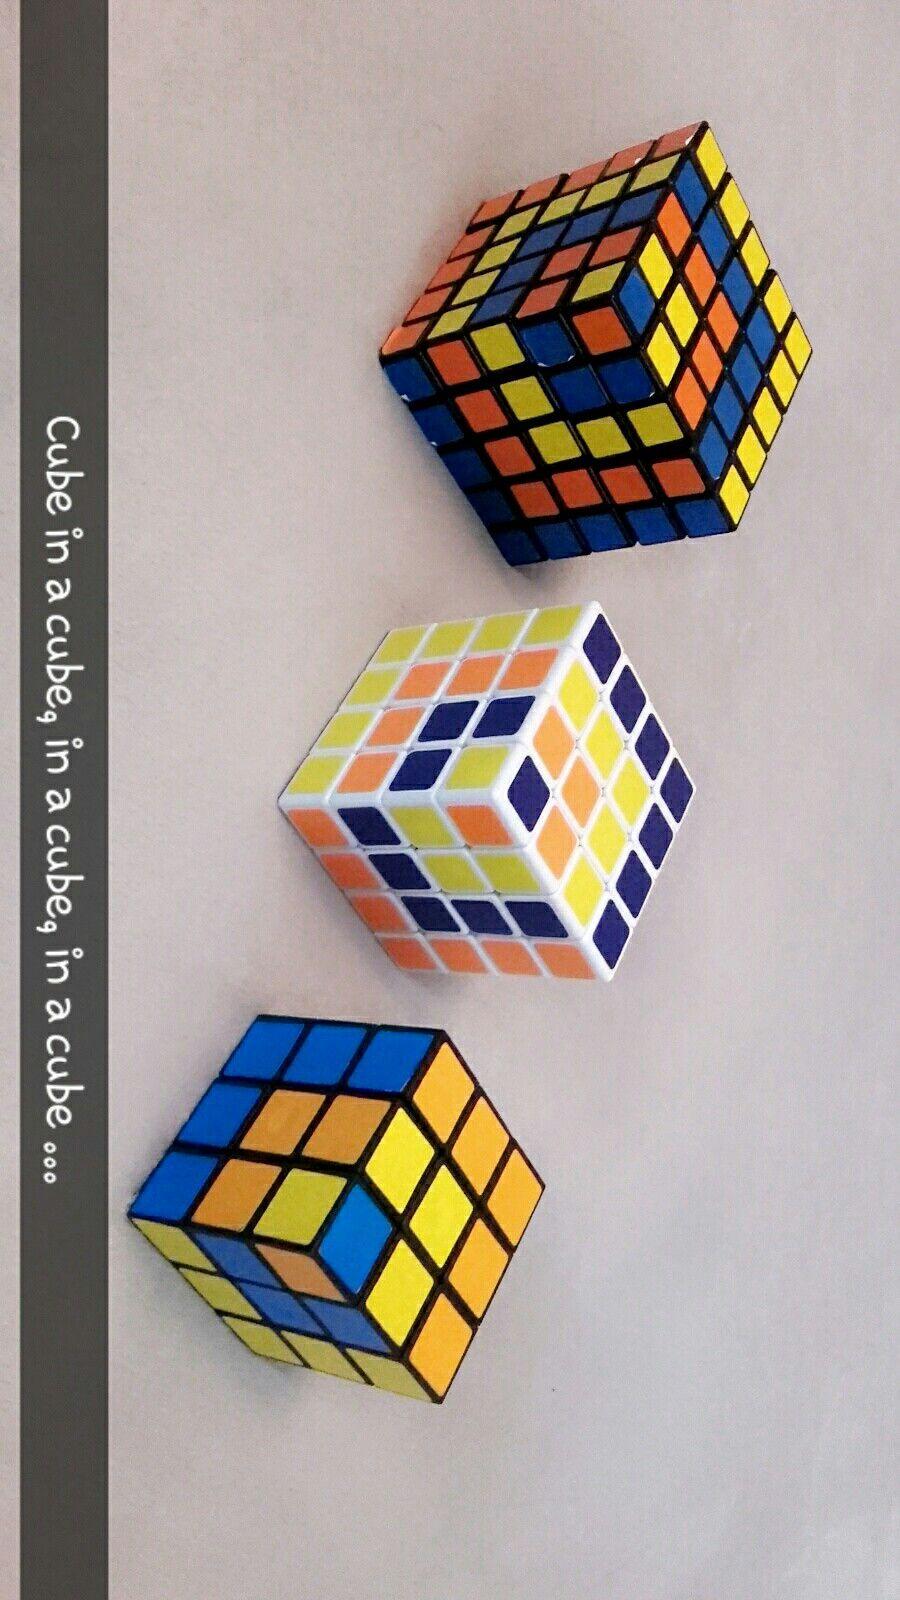 Zauberwurfel Rubiks Cube Coole Muster Mit 3 3 3 4 4 4 5 5 5 Cube In A Cube Rubix Cube Rubiks Cube Cube Puzzle